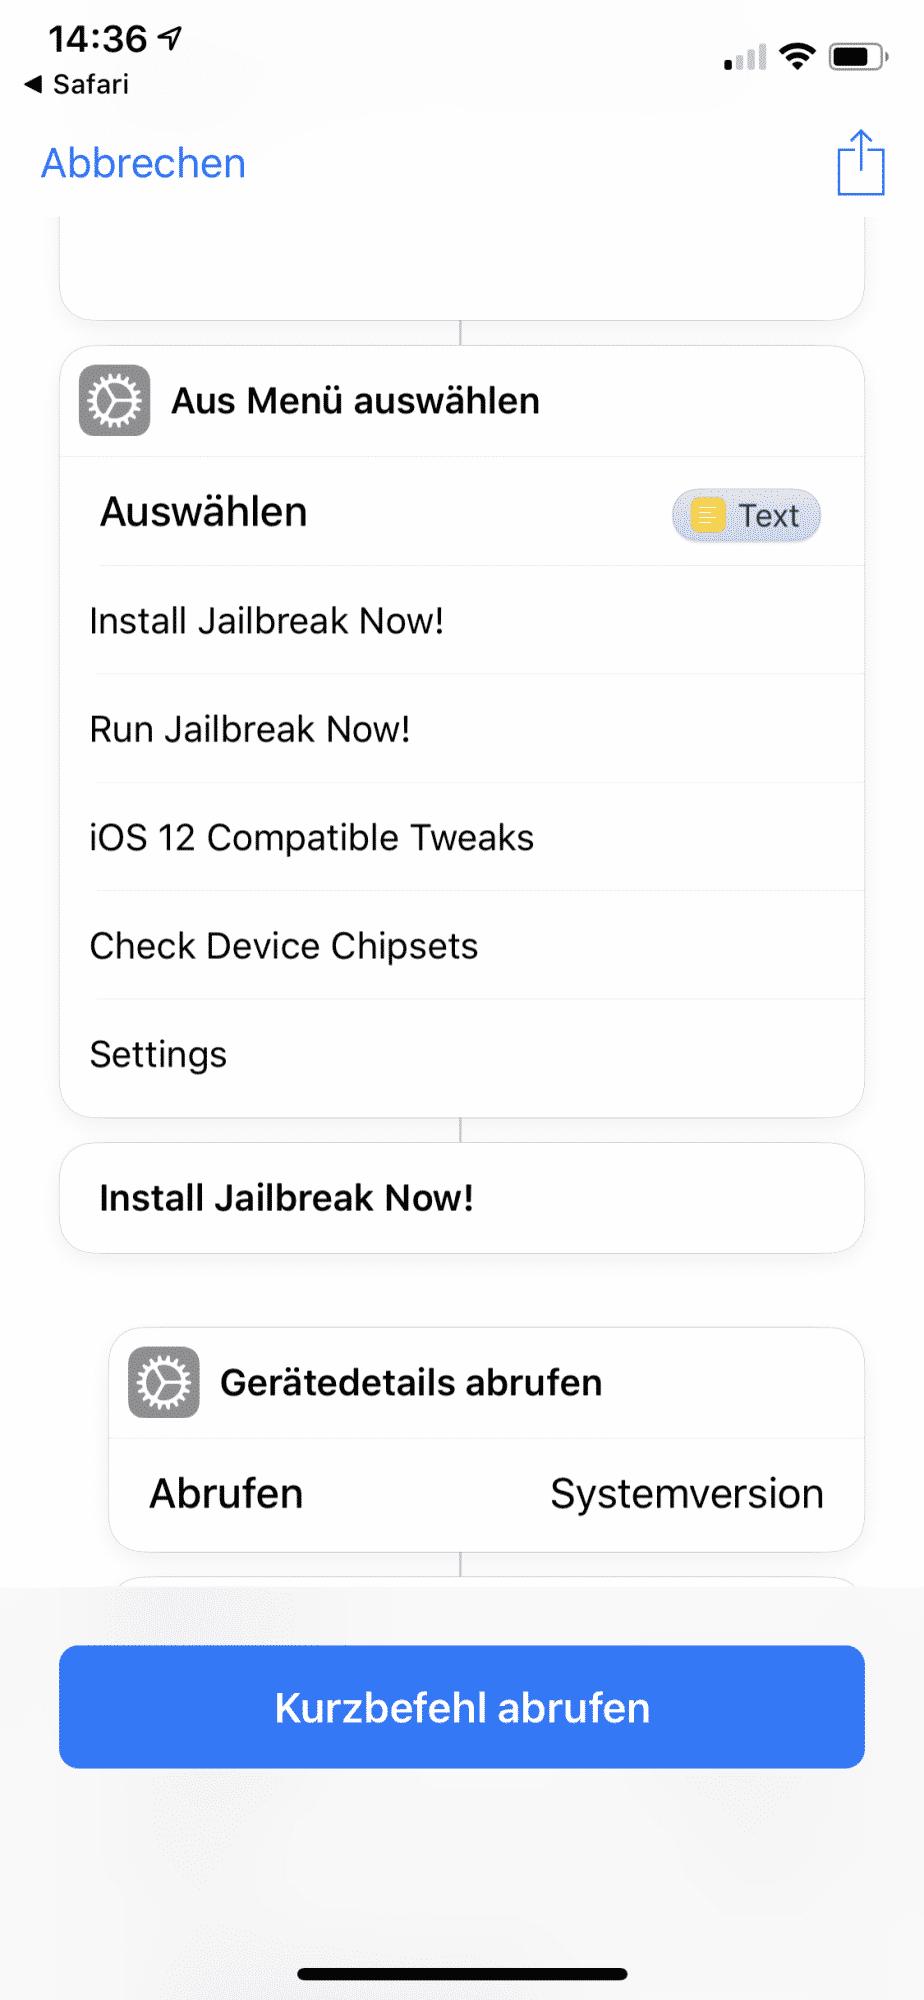 Ein Shortcut soll den Jailbreak vereinfachen.